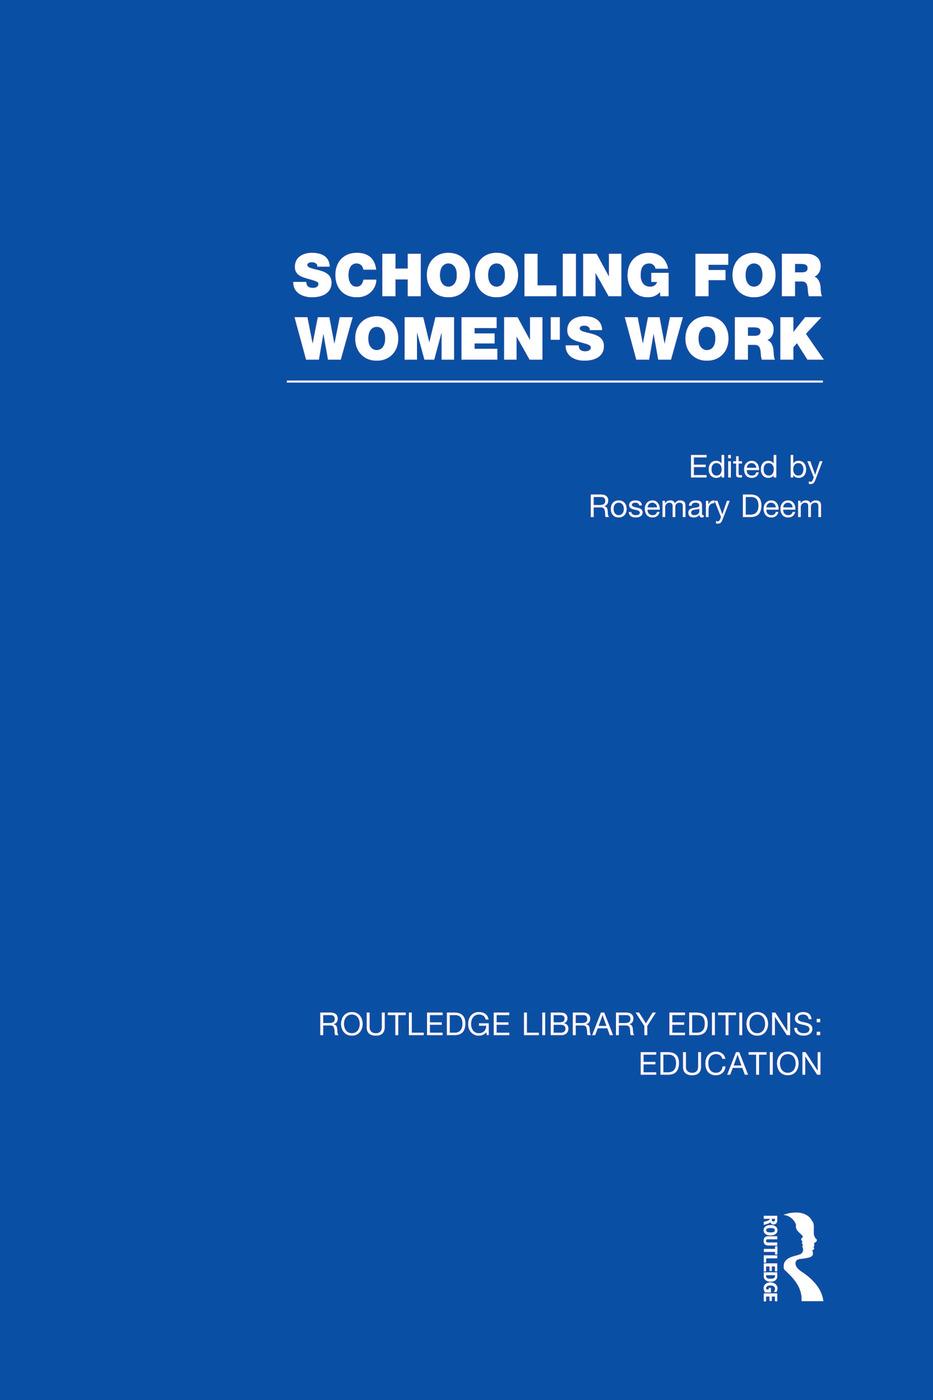 Schooling for Women's Work